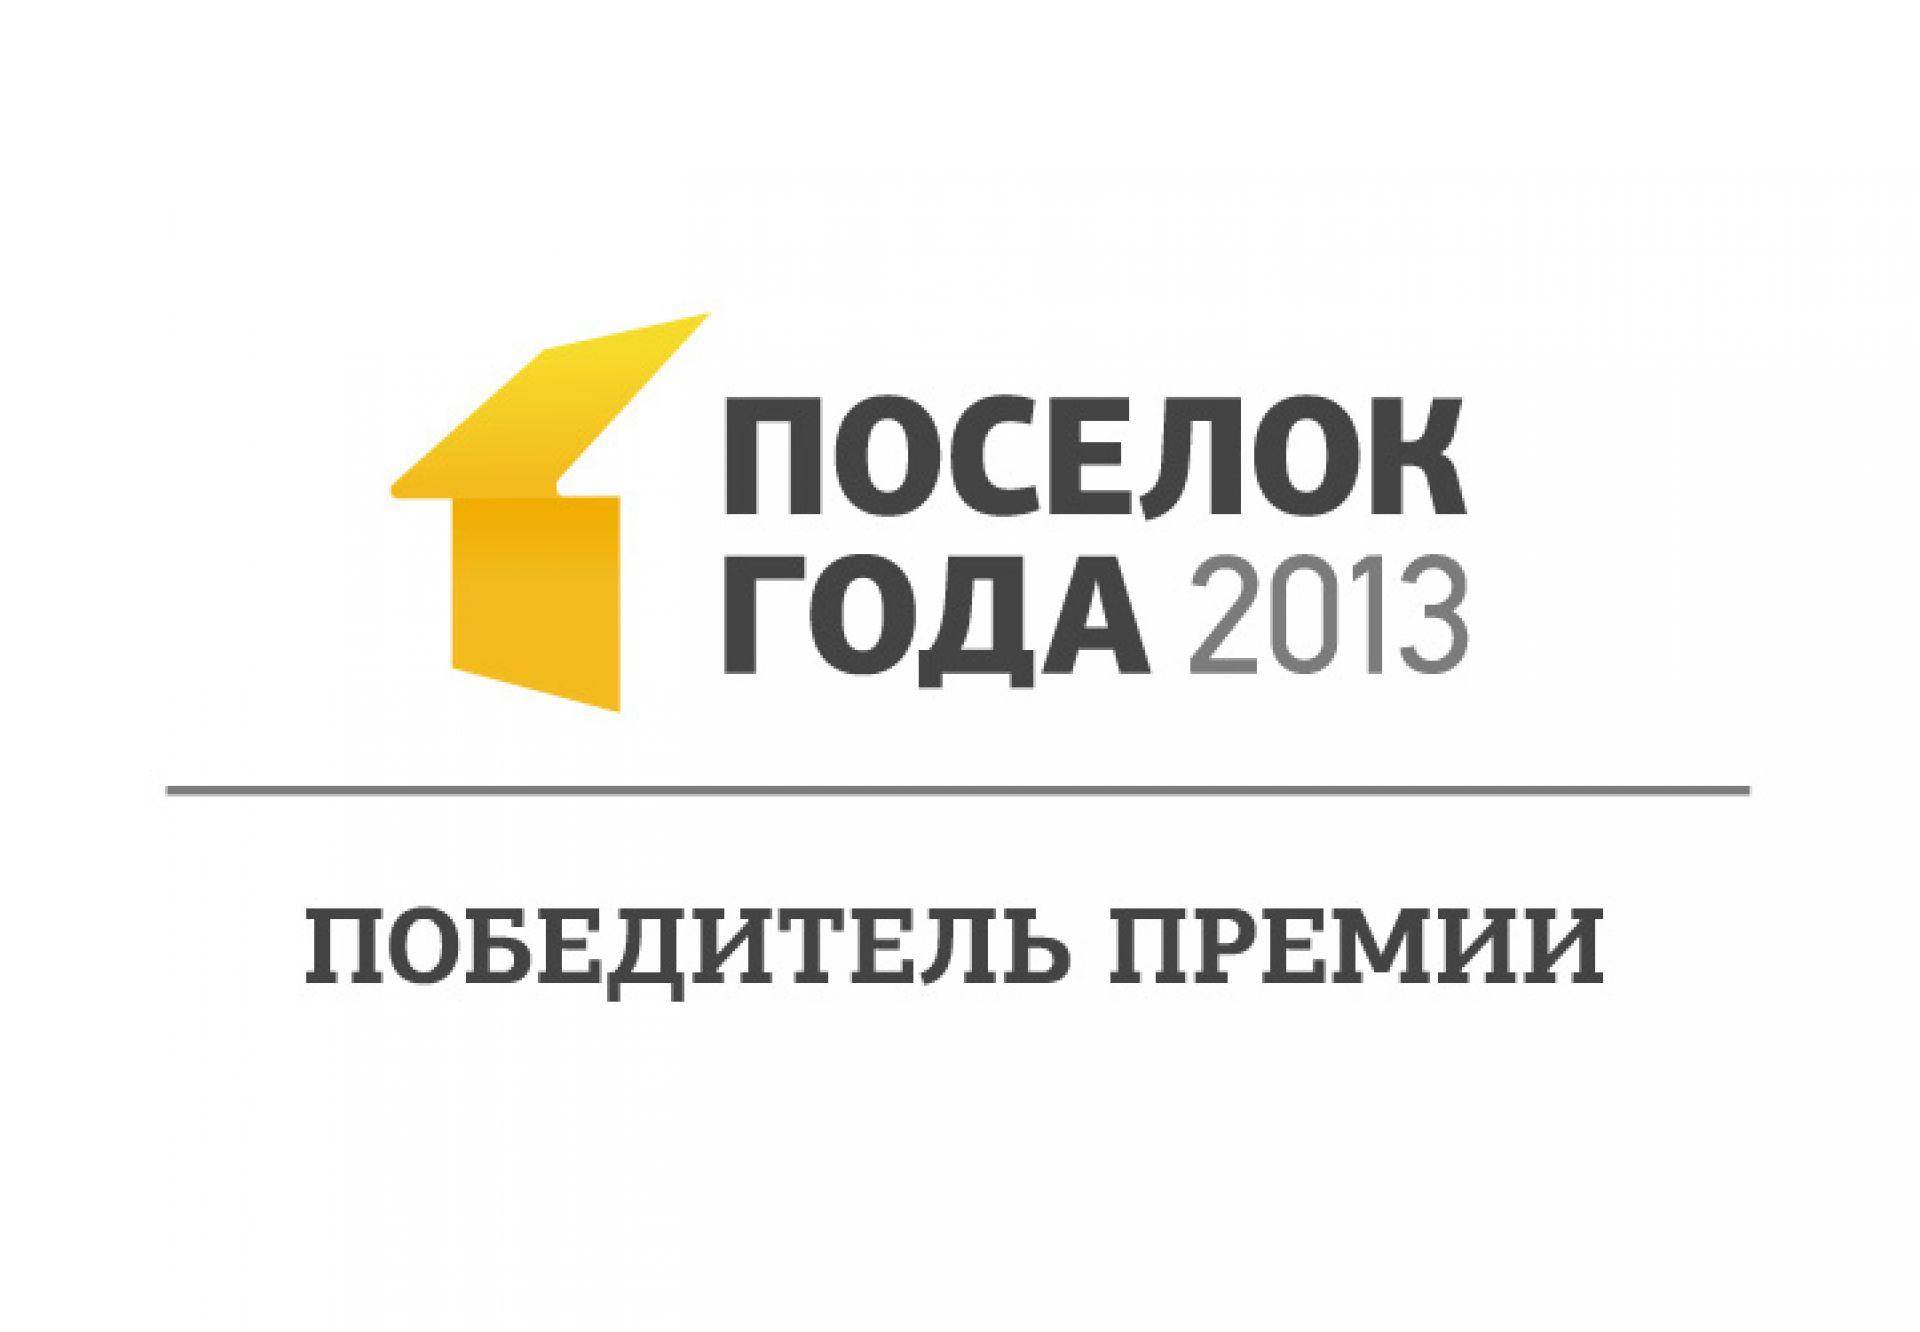 Комплексы «Медное озеро – 2» и HONKANOVA Concept Residence удостоены премии «Поселок года 2013»